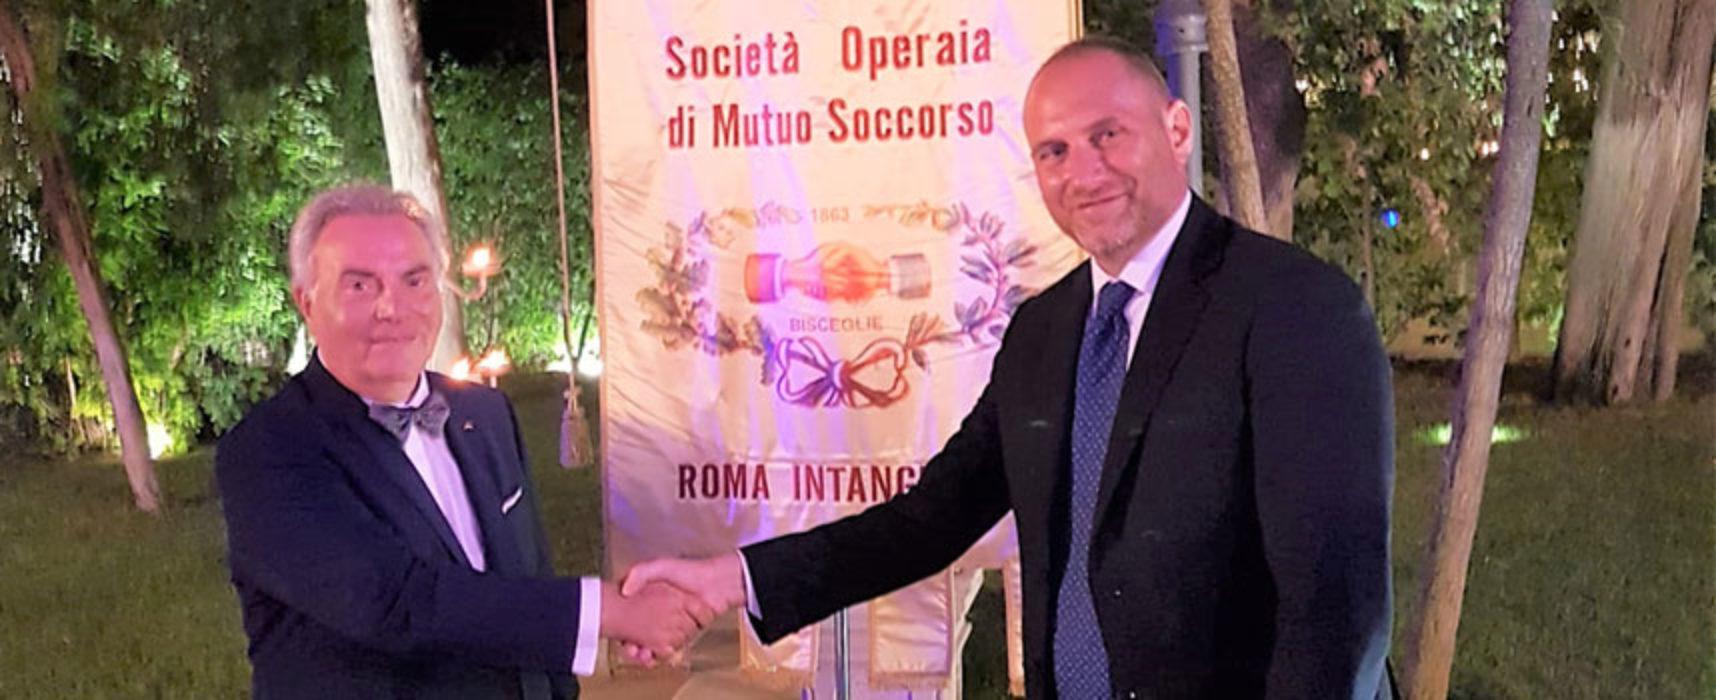 Roma Intangibile a Ferragosto premia cultura e professionalità / FOTO